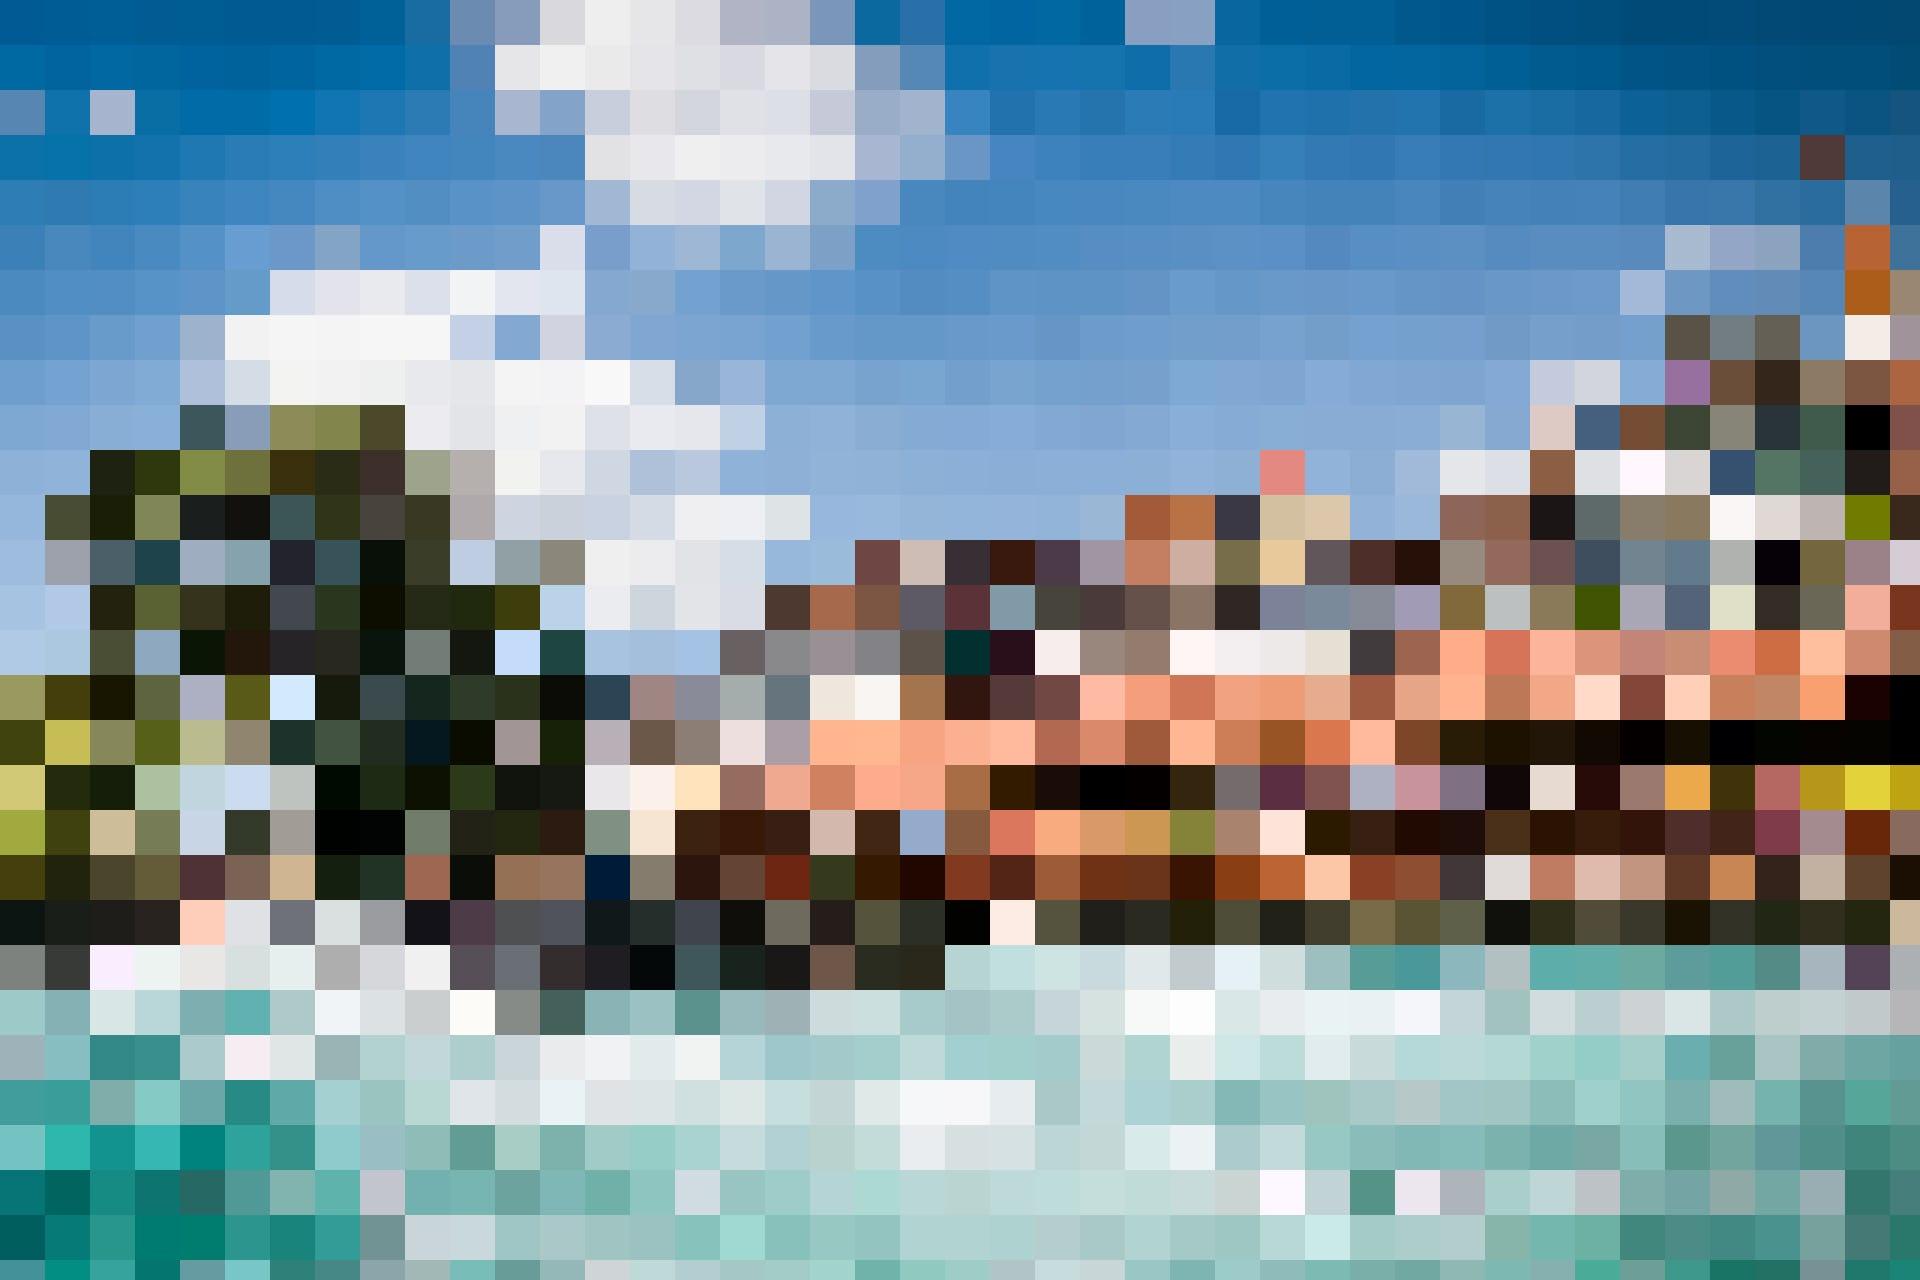 Die Schleusen und Holzbrücken von Thun laden auch zum Surfen ein.